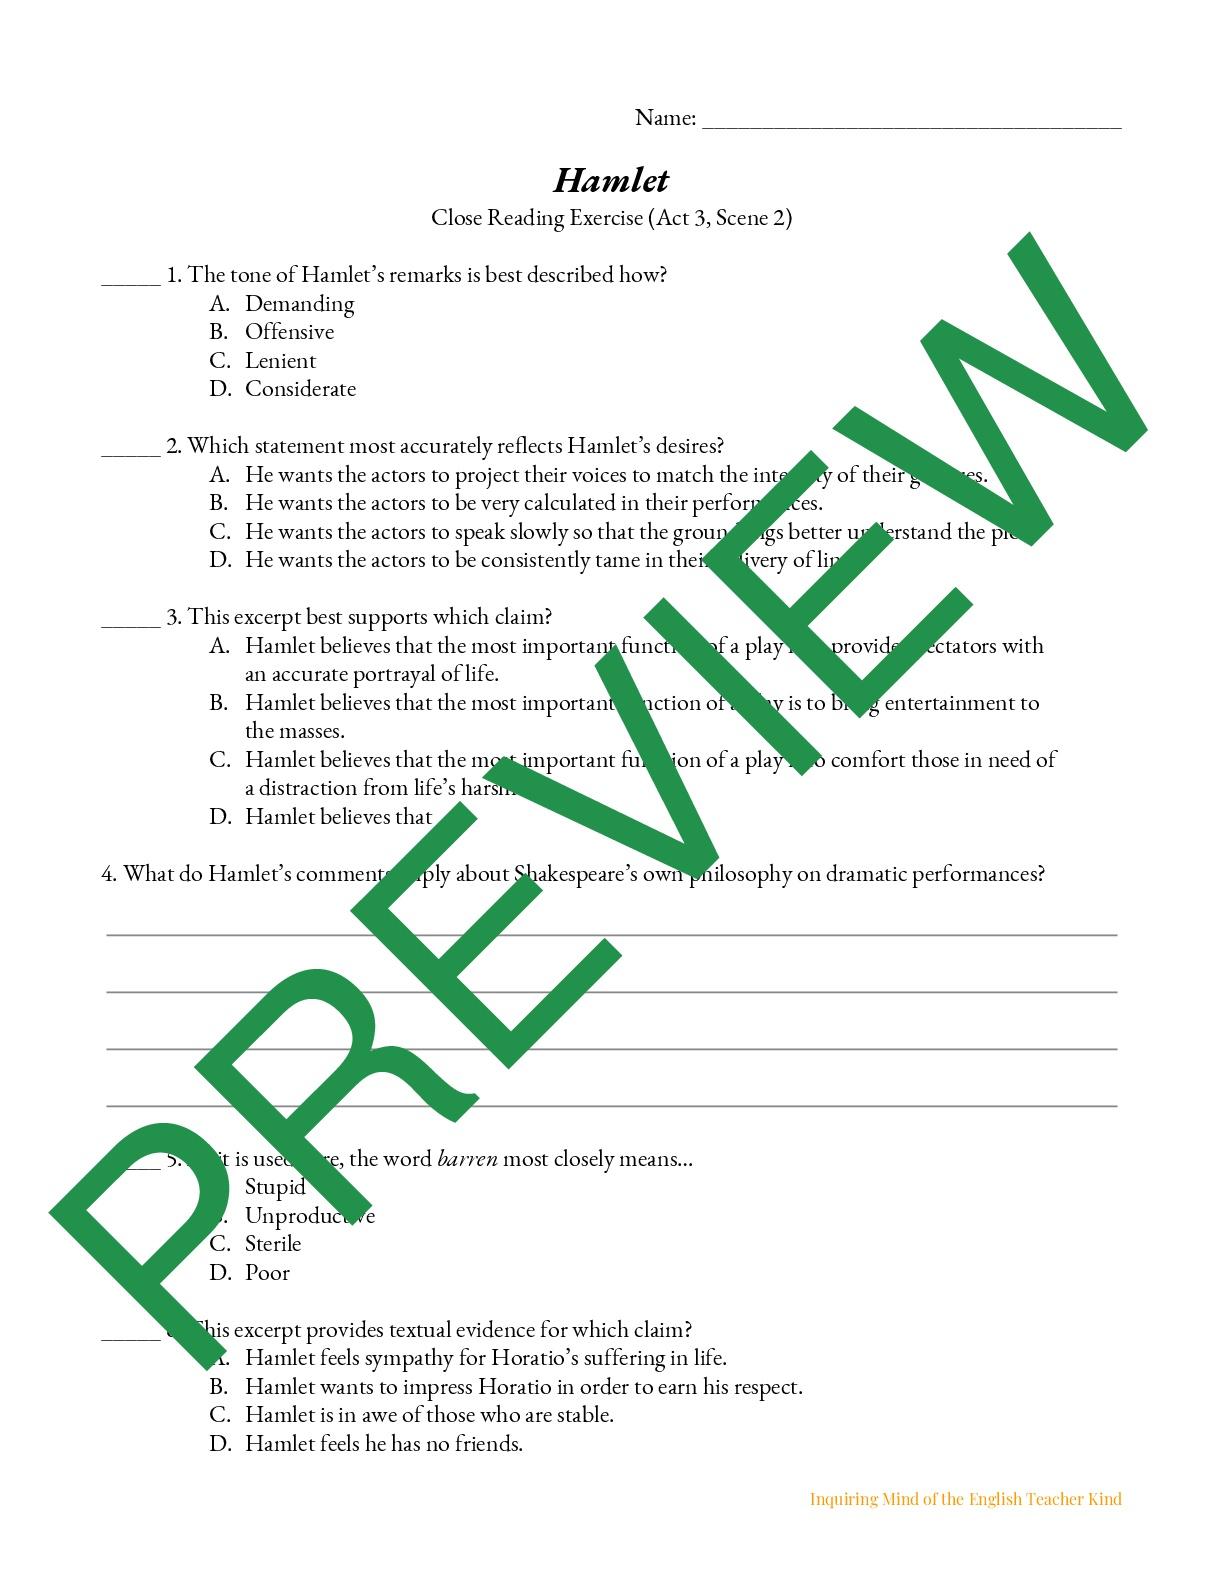 Hamlet Close Reading Worksheet Act 3 2 Teaching Resources [ 1584 x 1224 Pixel ]